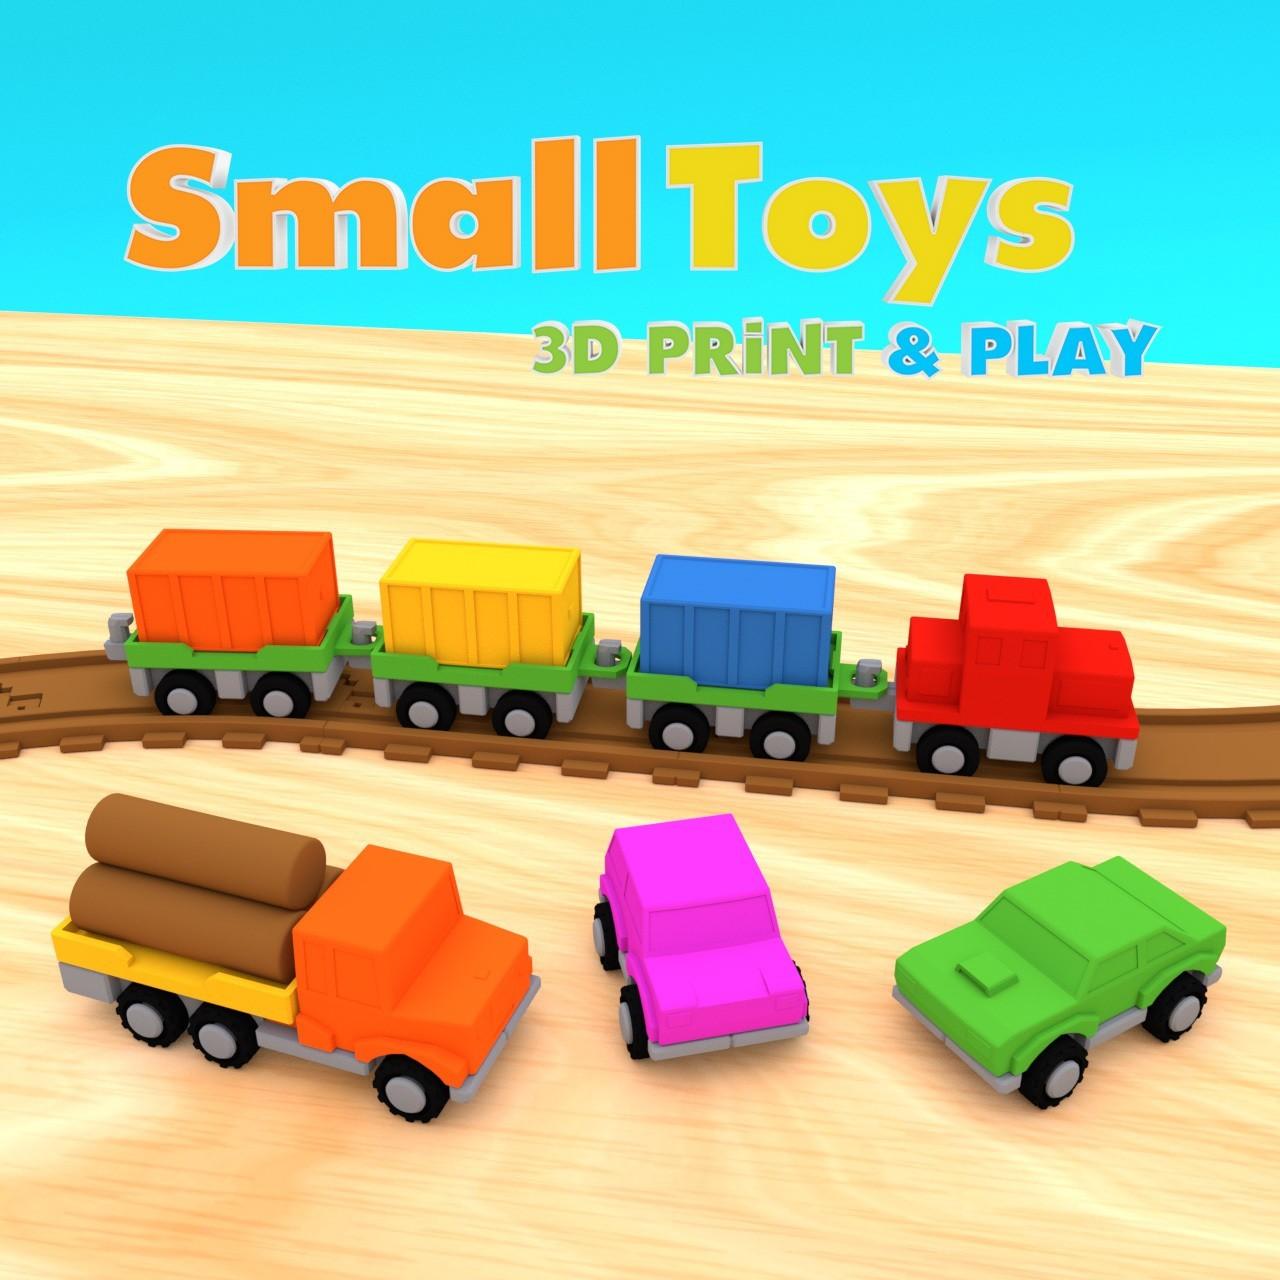 smalltoys-Starterpack01.jpg Download STL file SmallToys - Starter Pack • 3D printer model, Wabby